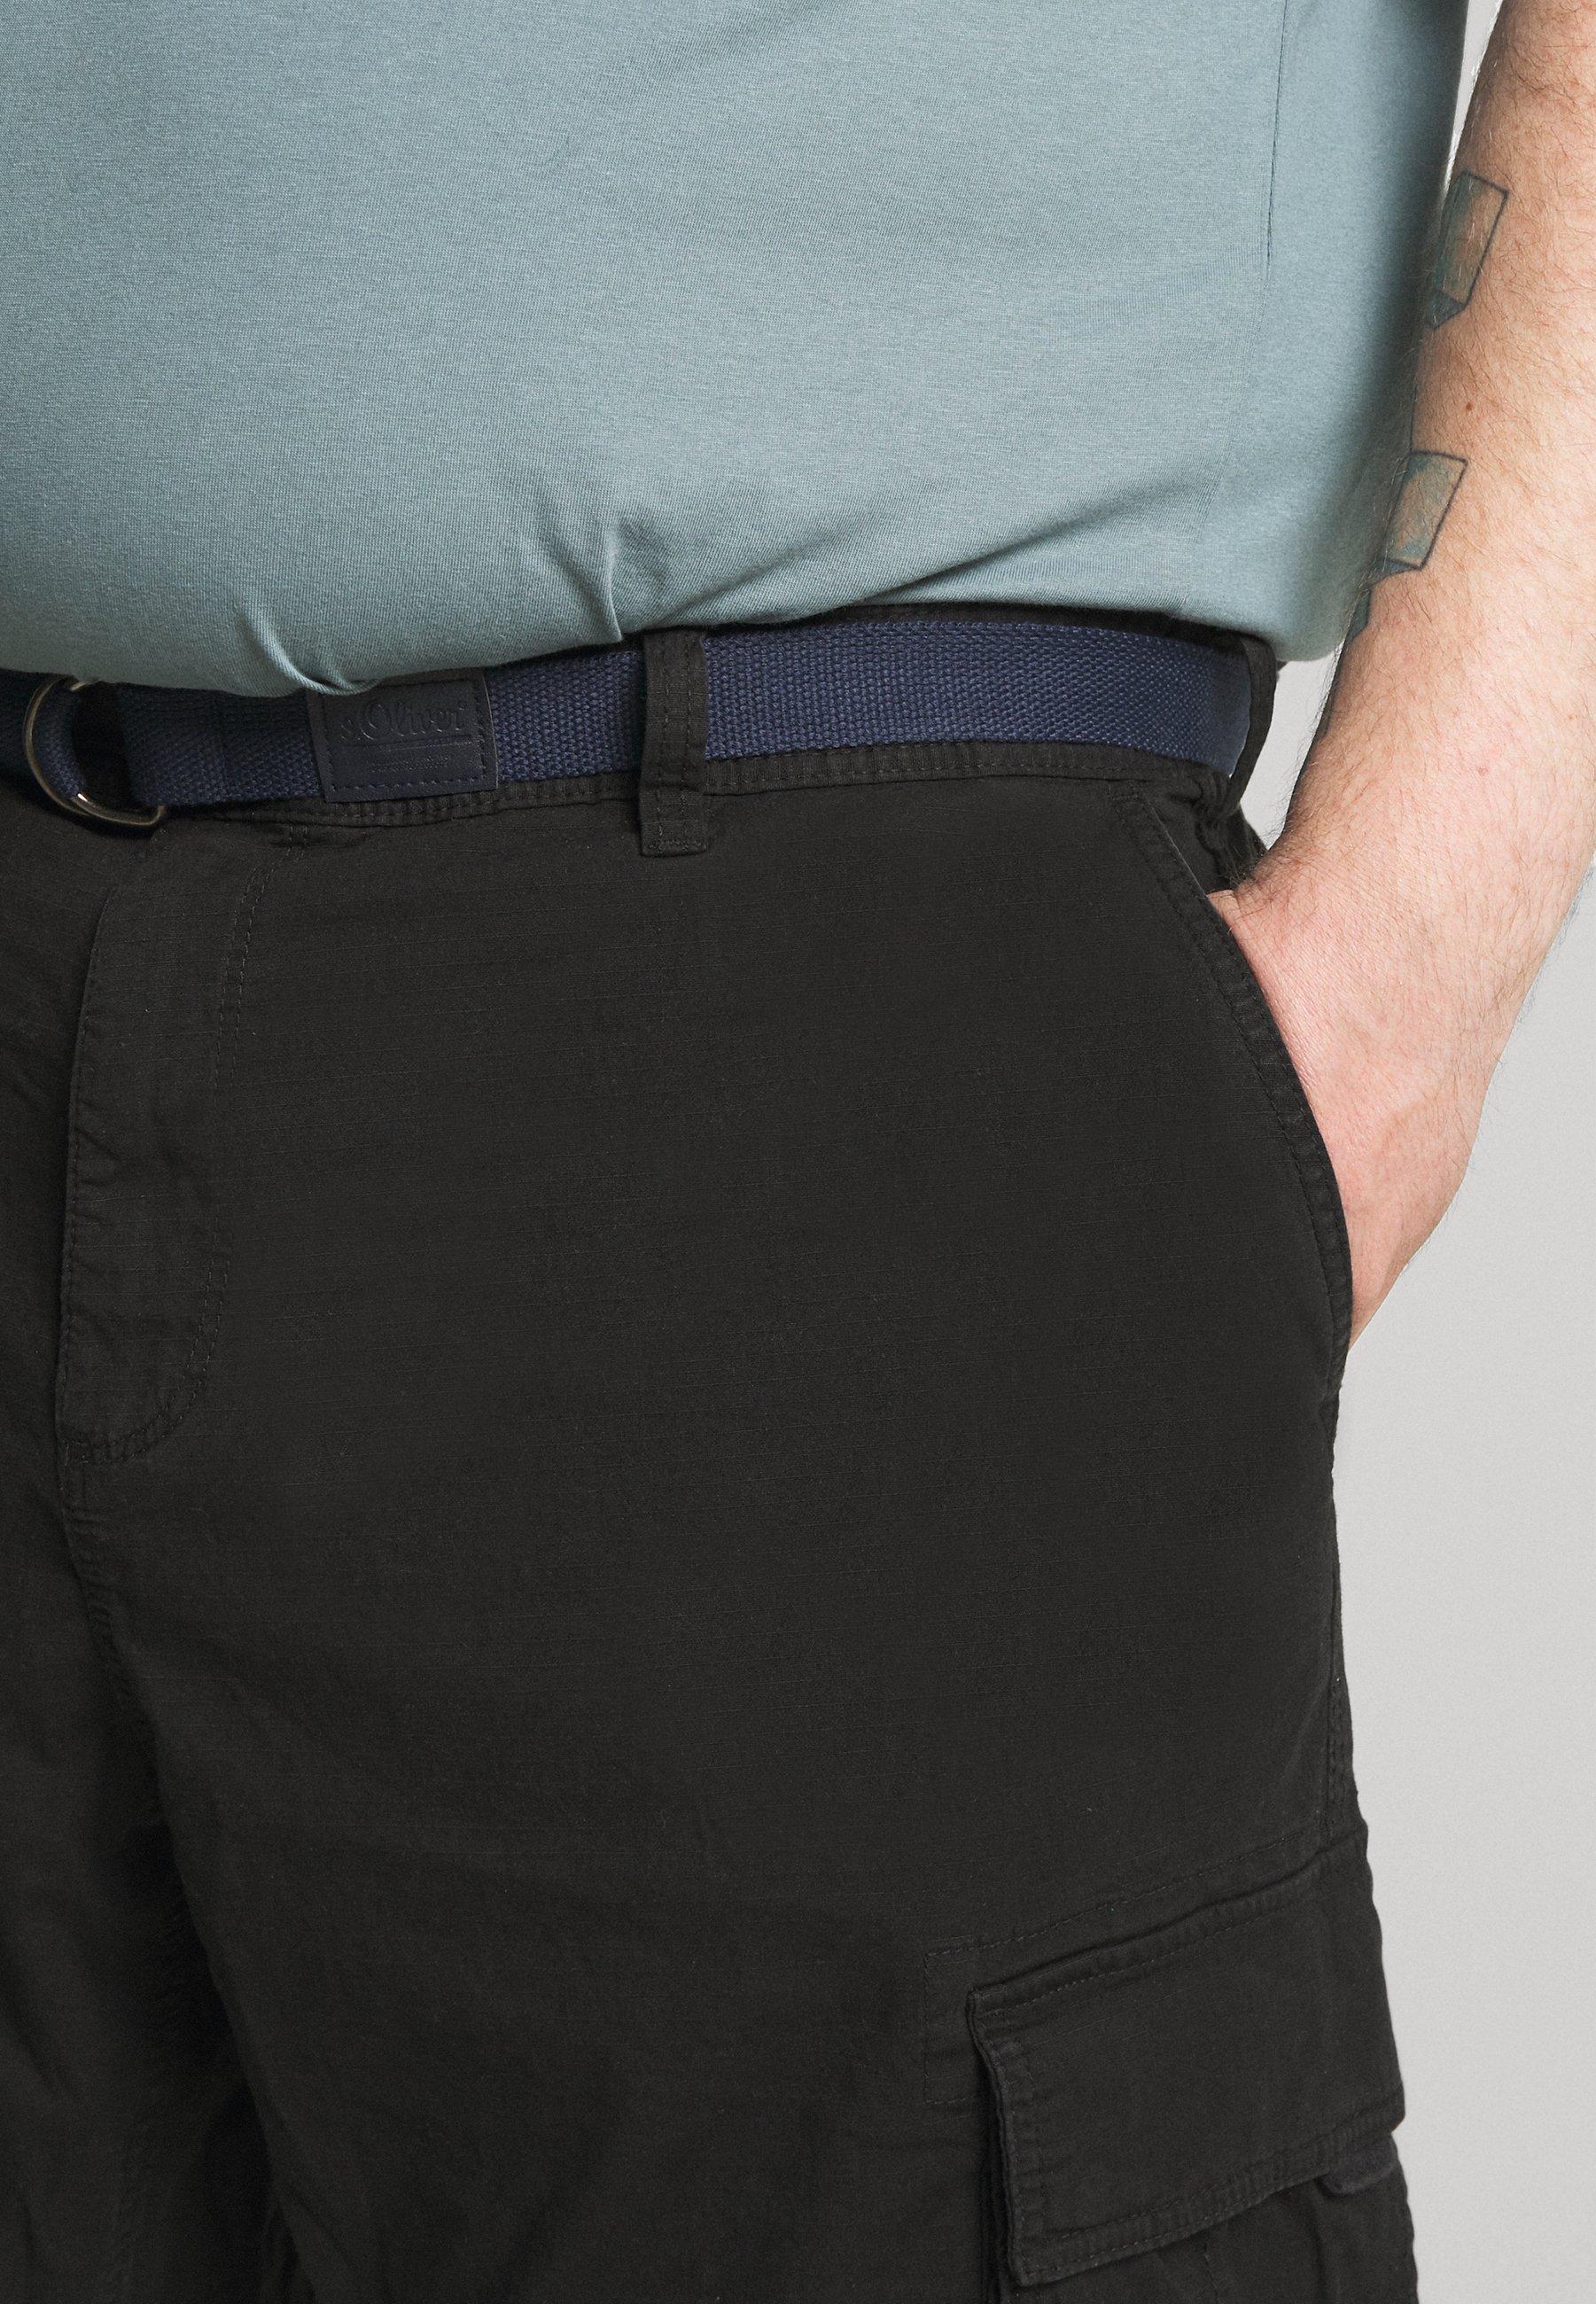 S.oliver Bermuda Belt 3/4 Big - Shorts Black Cnix4